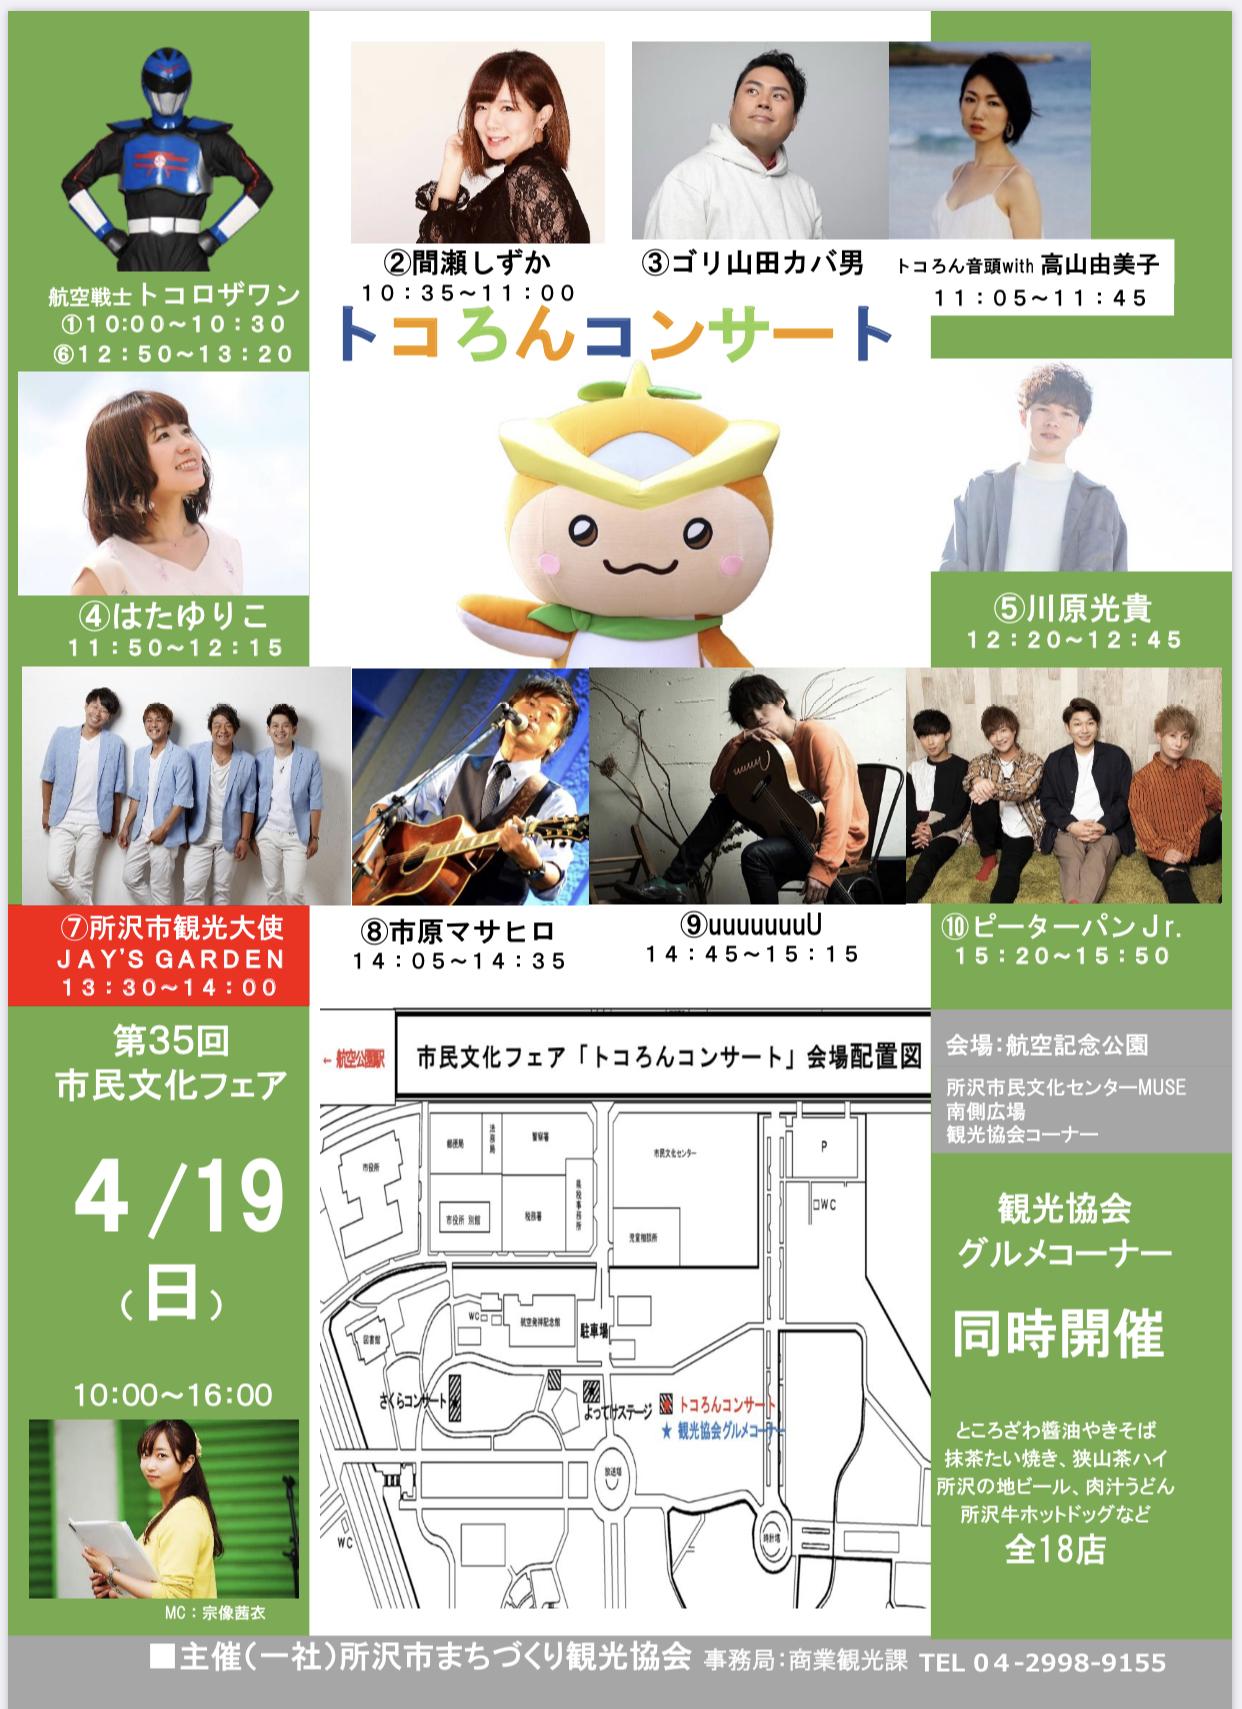 第35回市民文化フェア「トコろんコンサート」